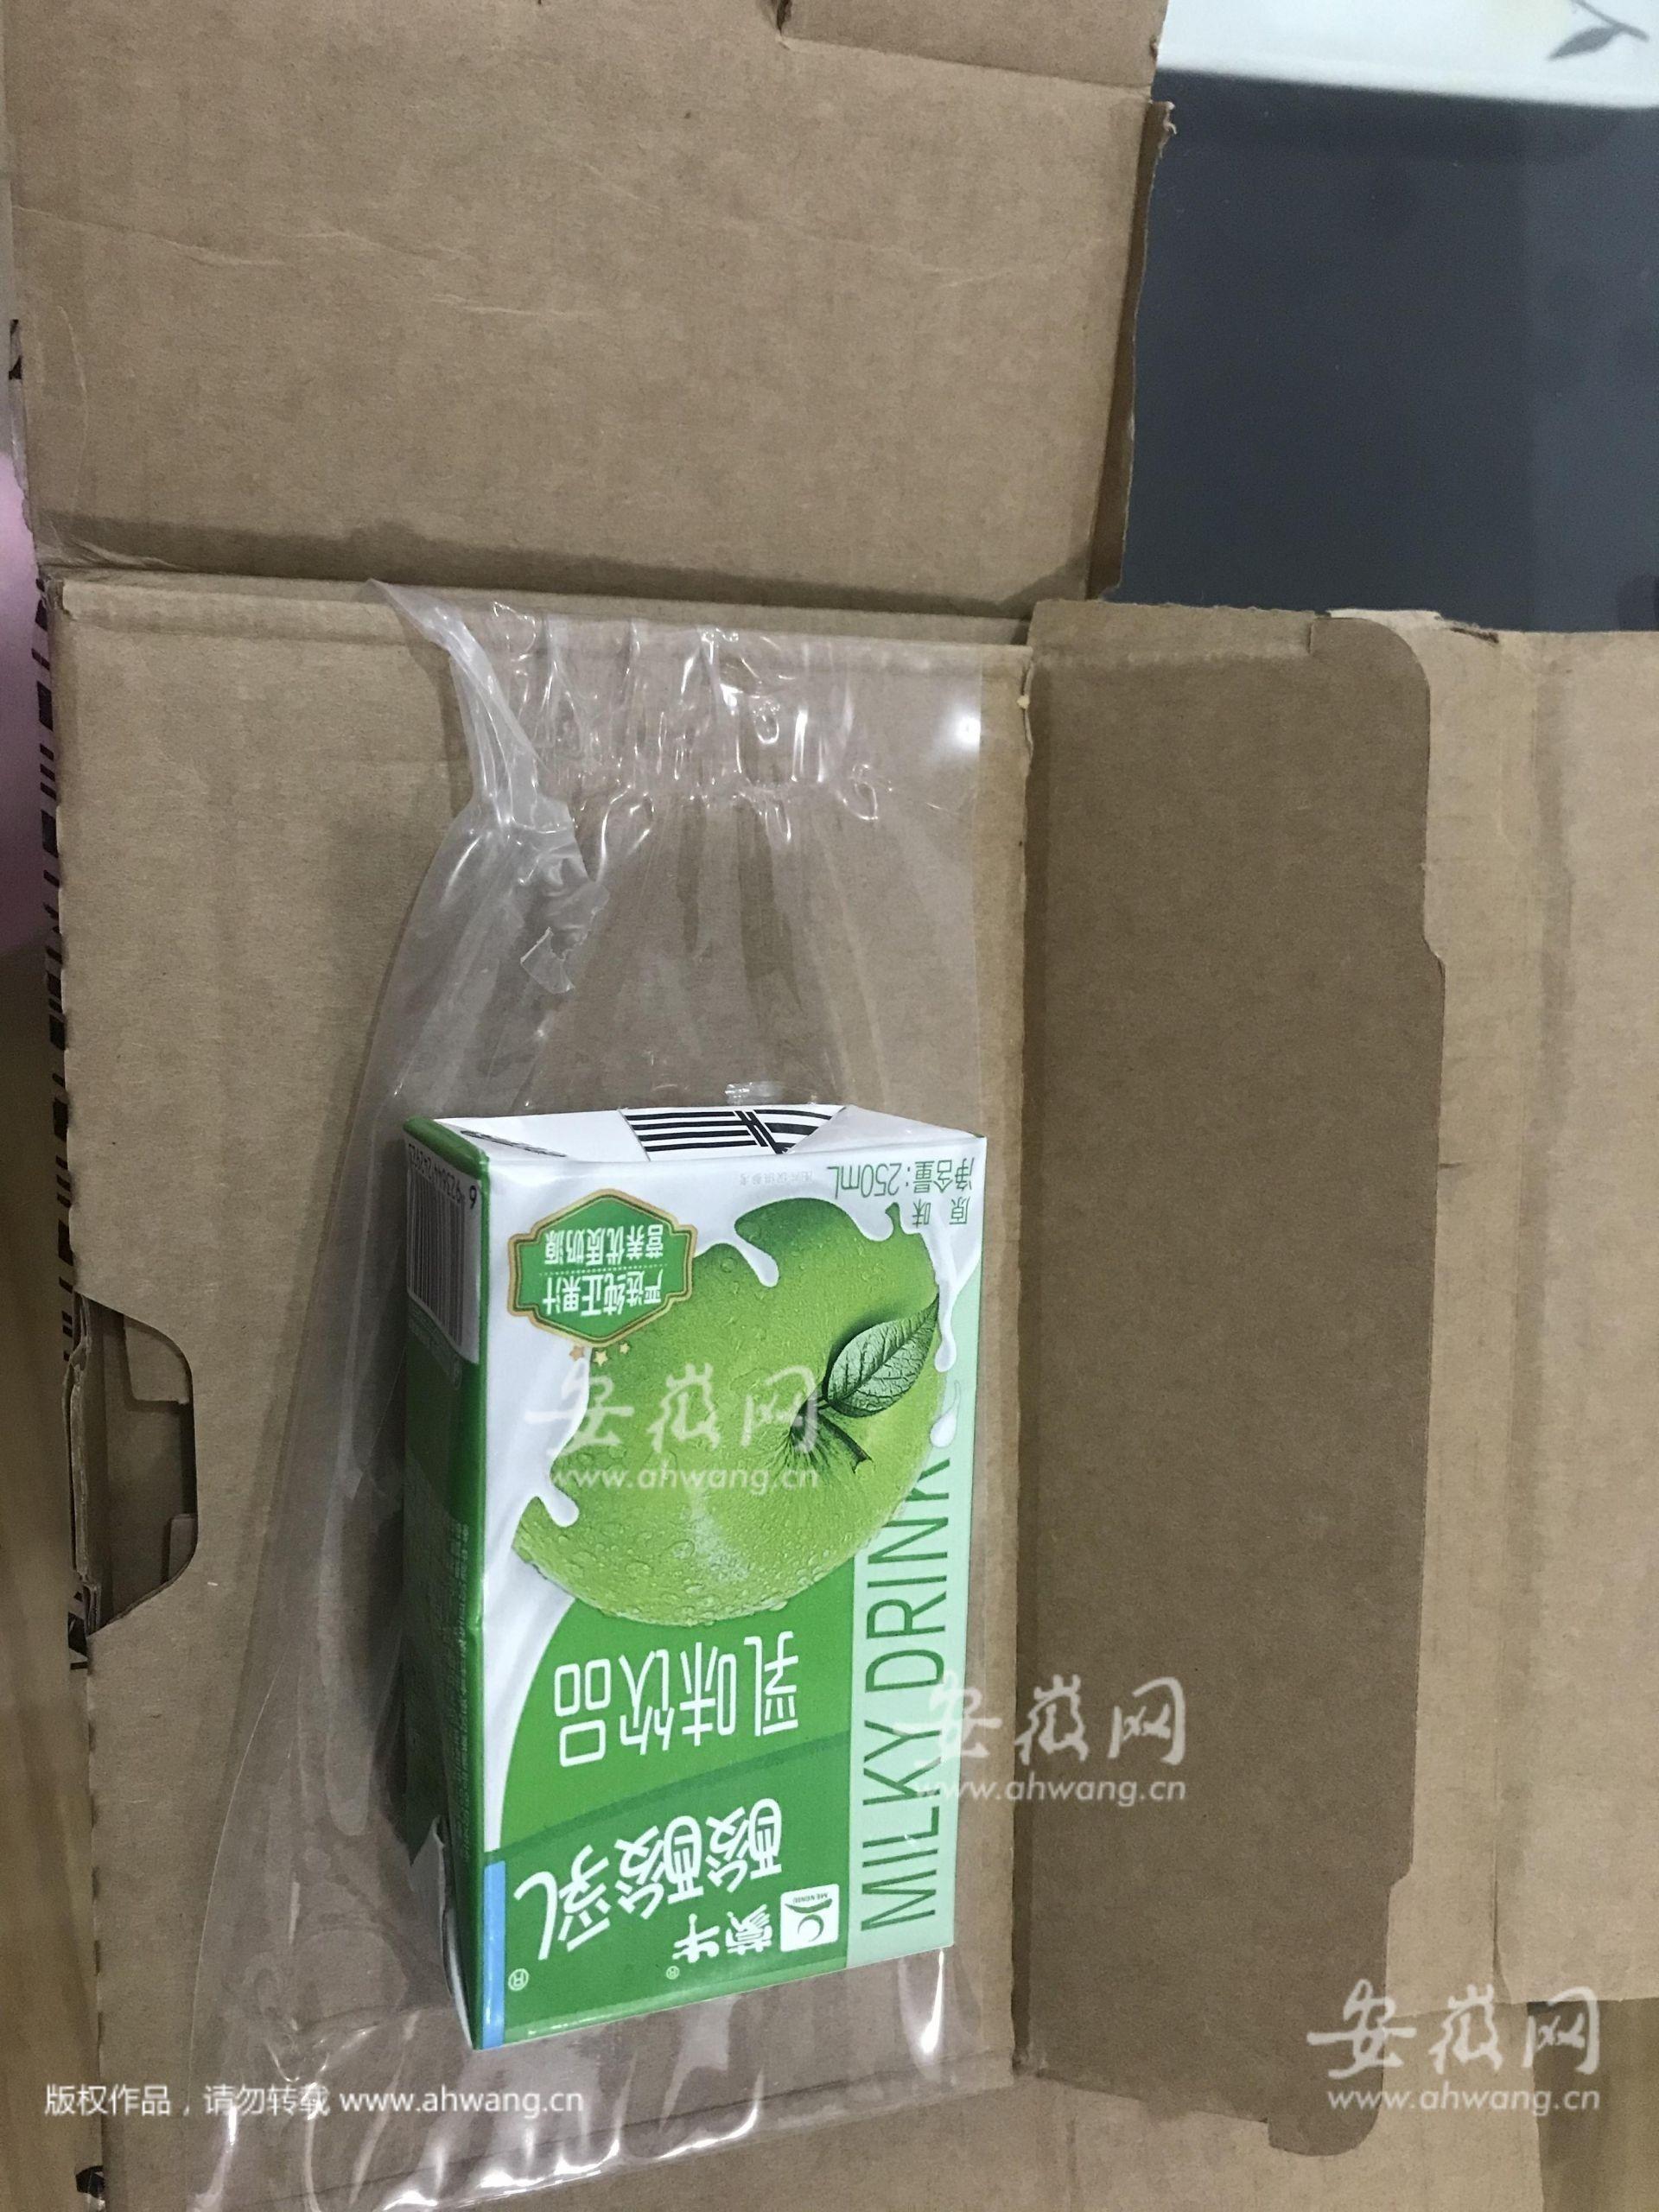 网购苹果手机到手变成苹果味酸酸乳?合肥警方立案